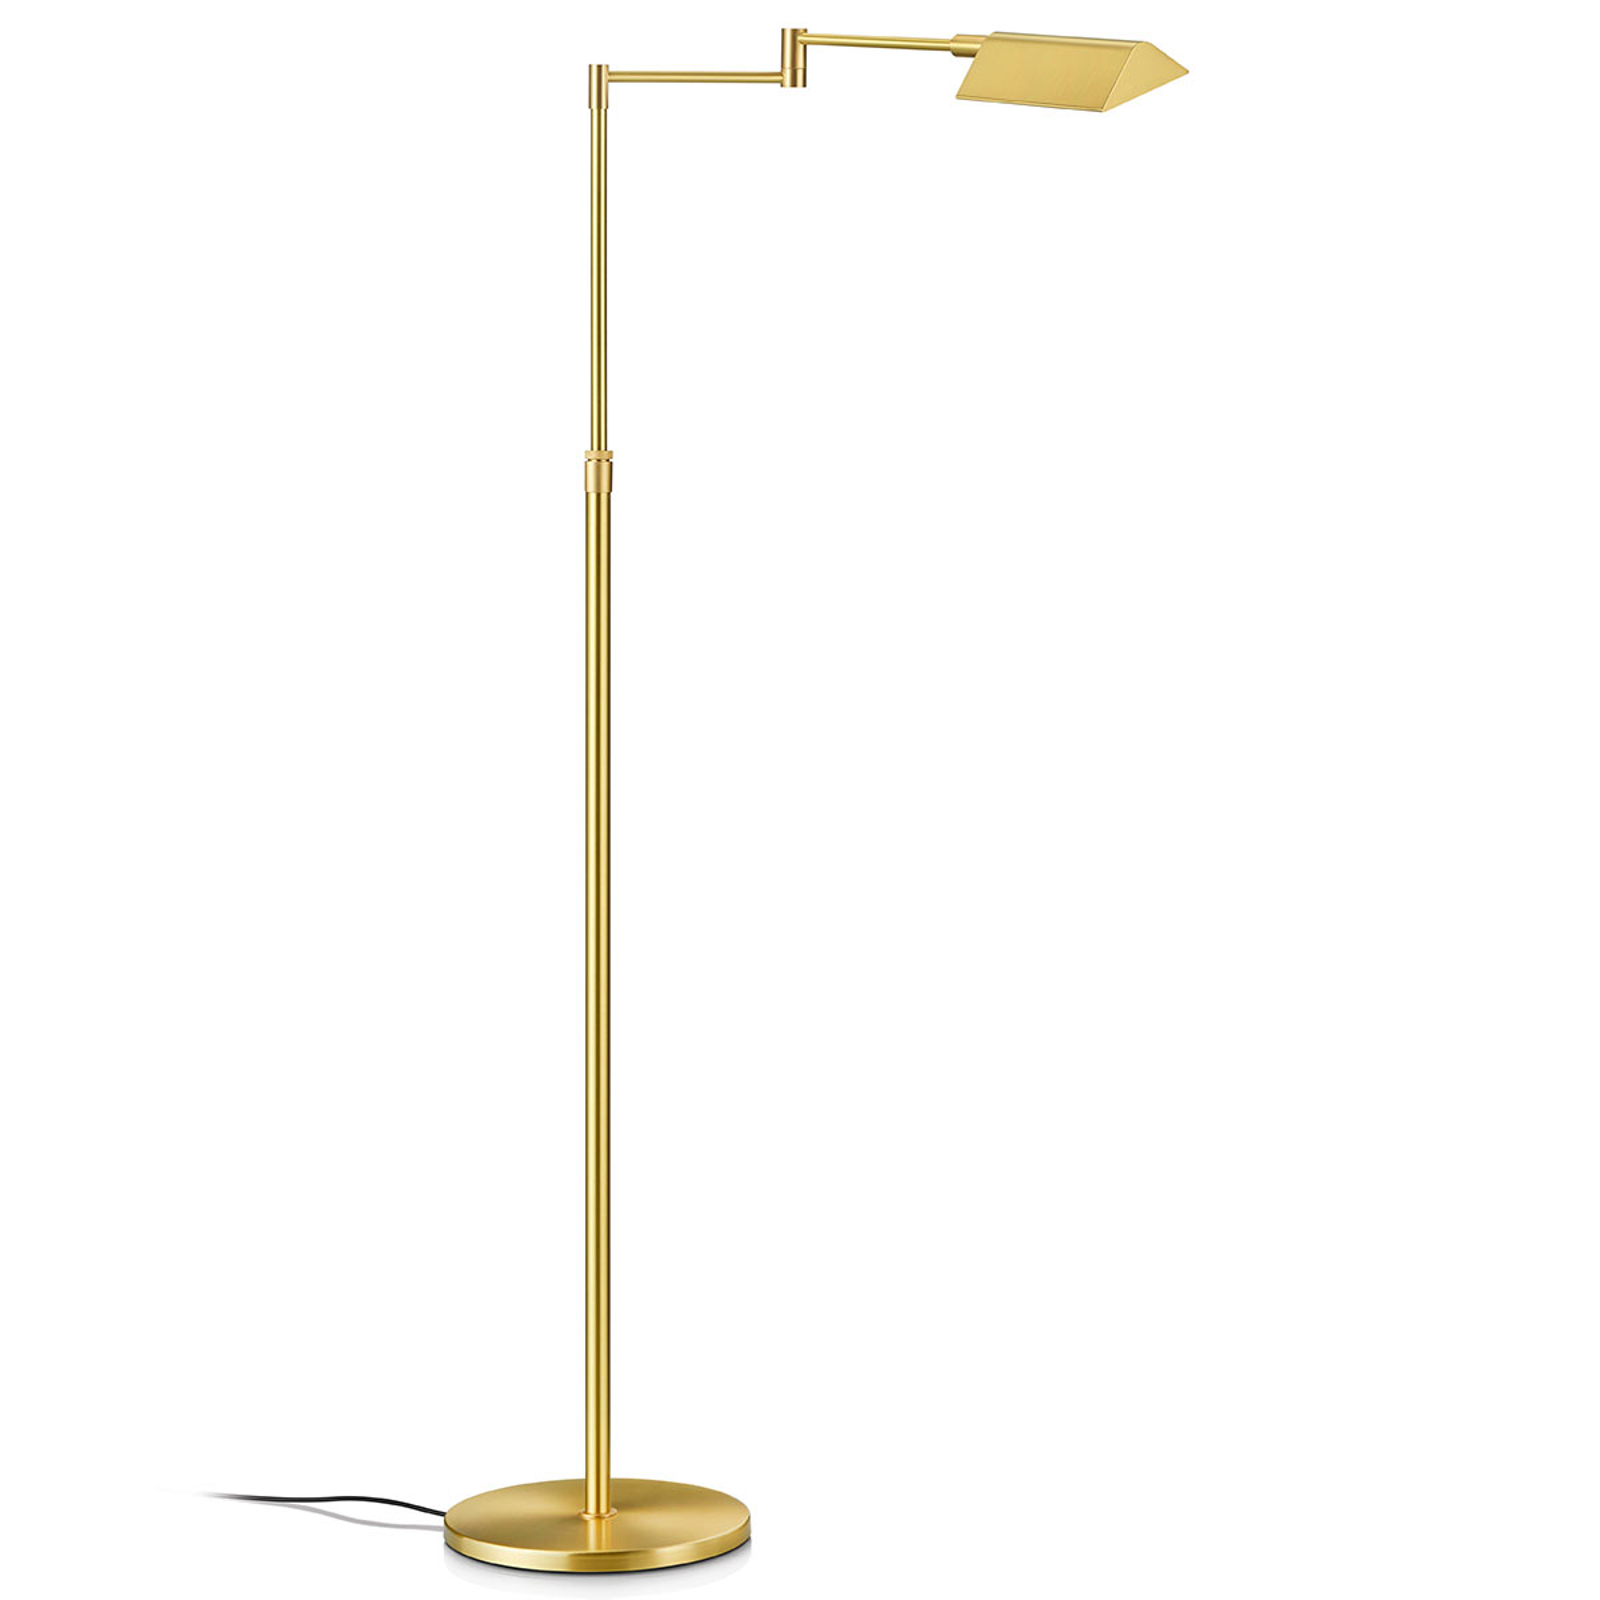 Lampadaire LED Dream commande gestuelle, laiton